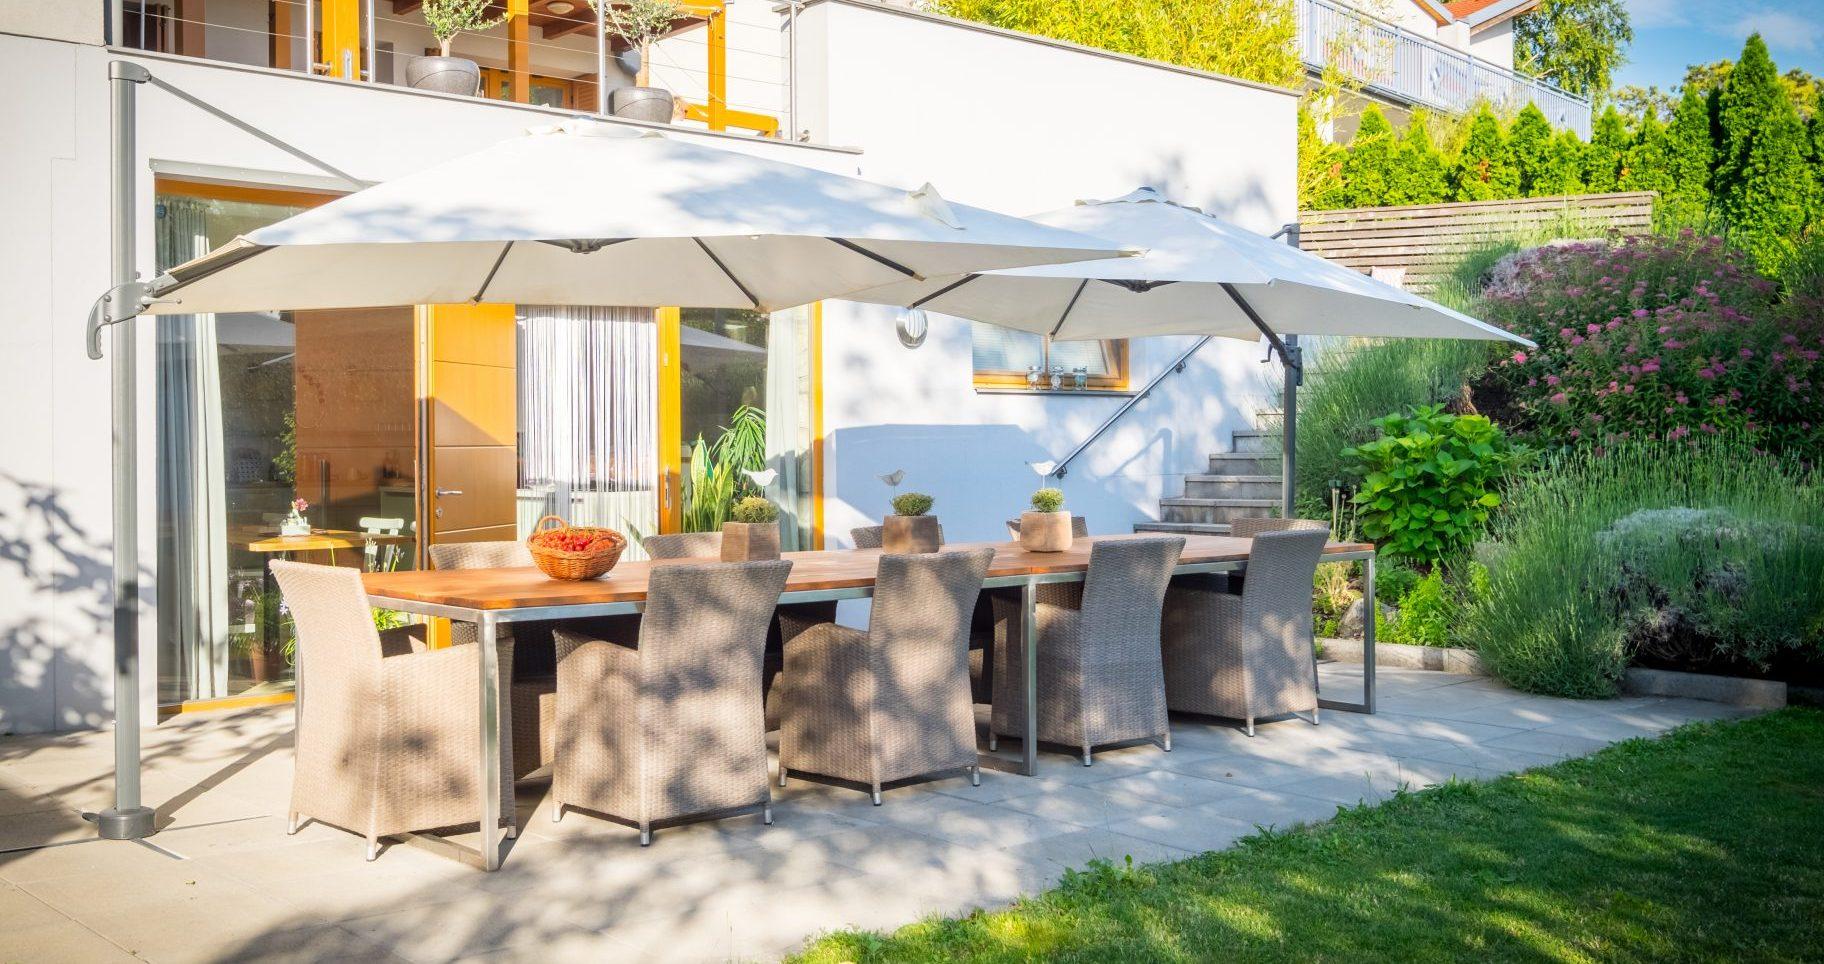 Gartenansicht SCHEIBER Gästehaus mit Tisch und Sonnenschirmen